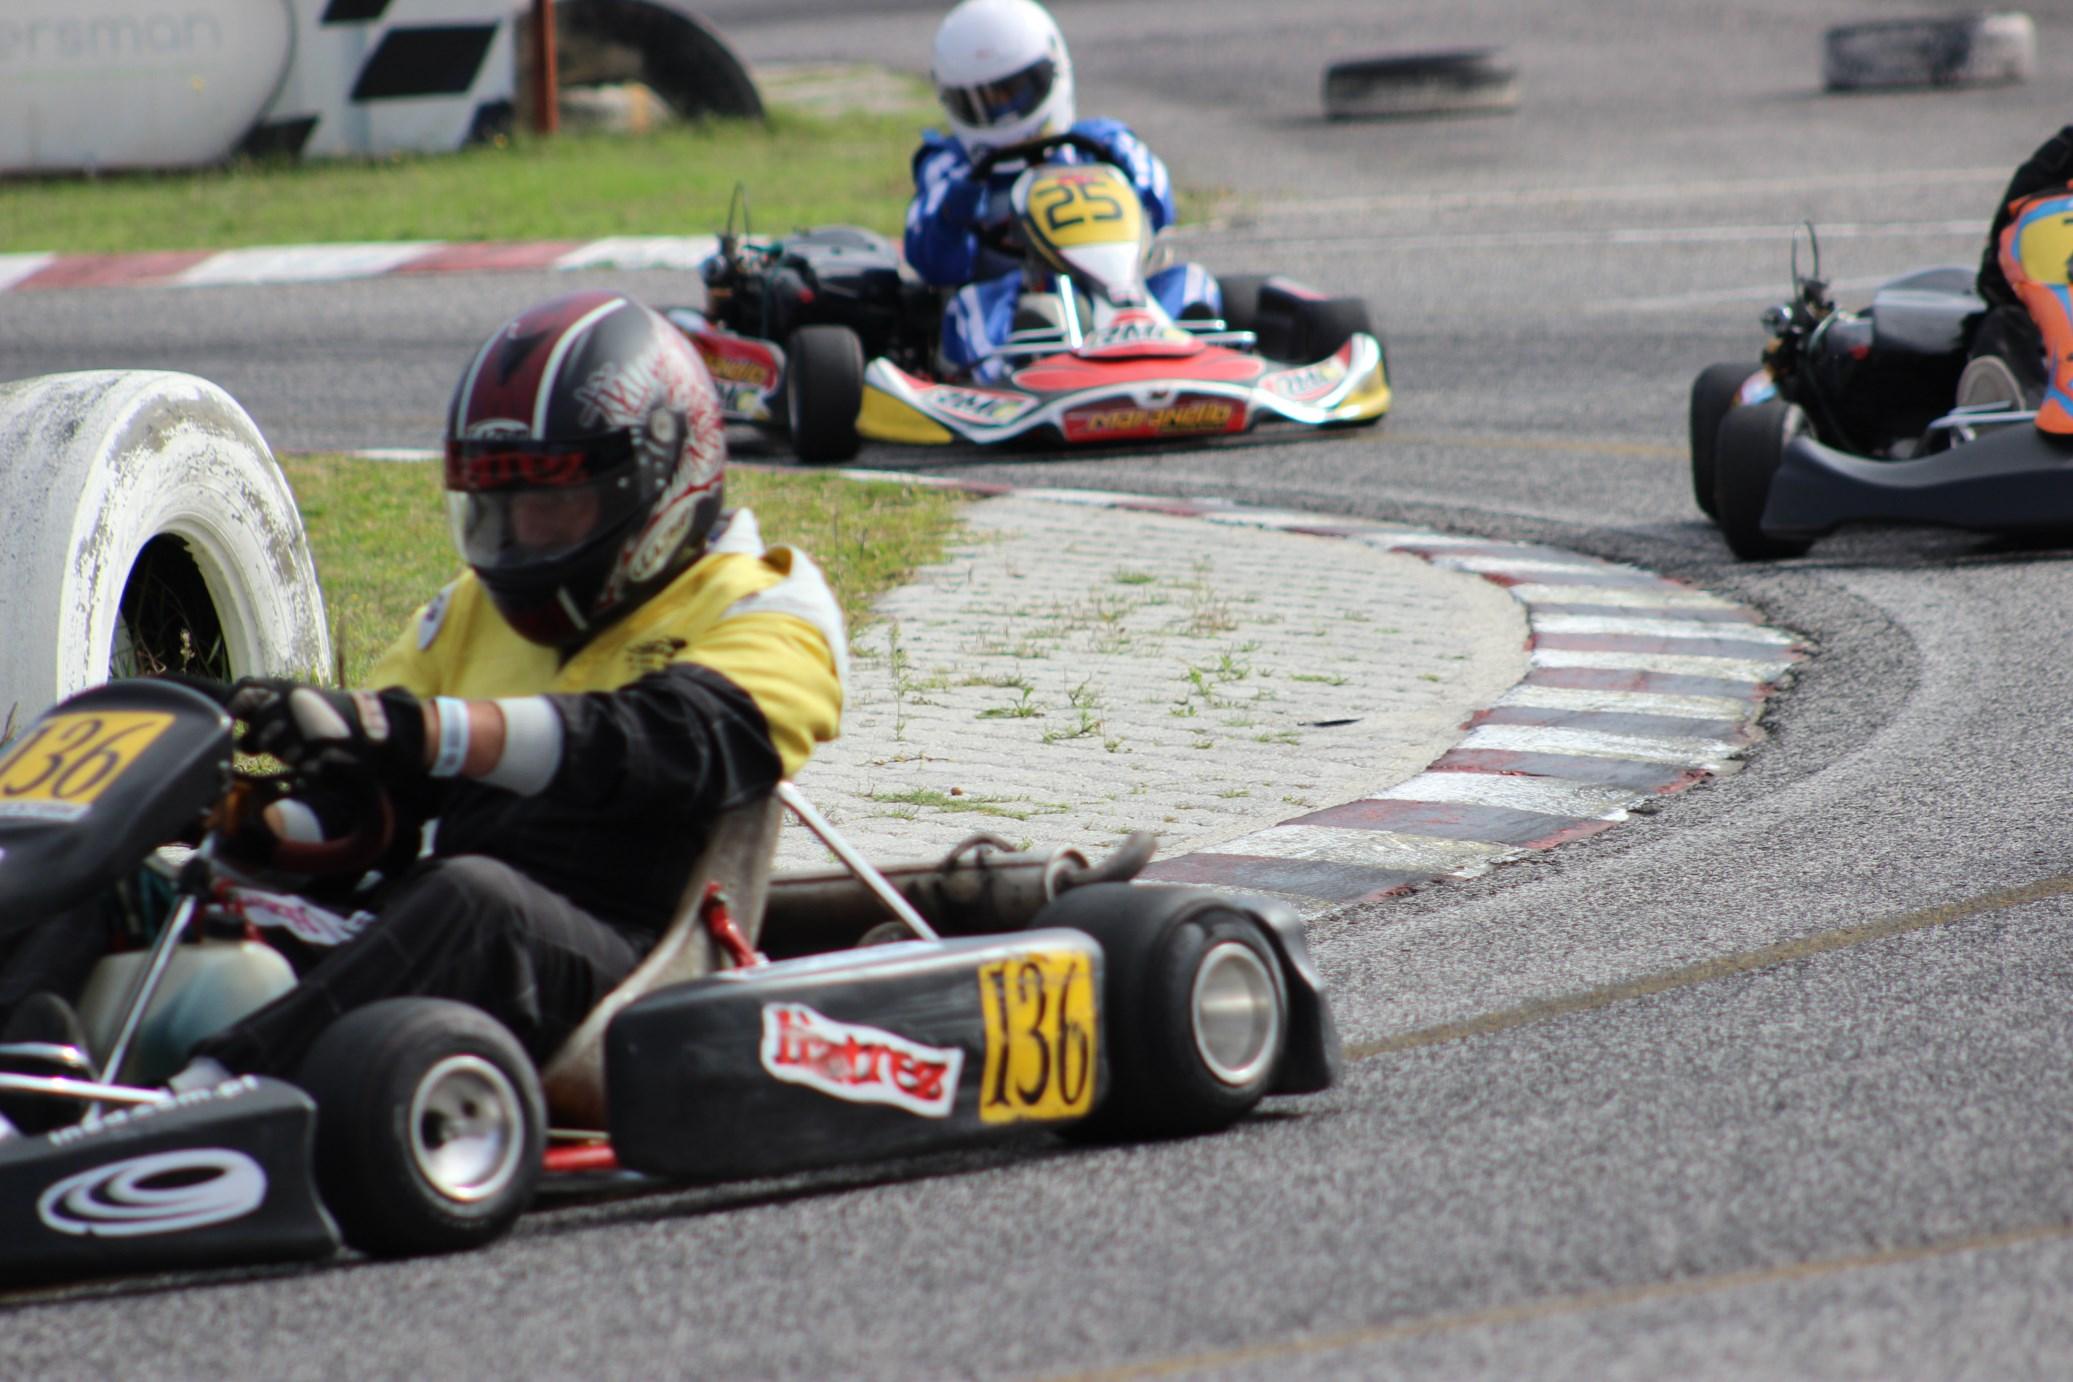 Troféu Honda 2014 - 4ª Prova203